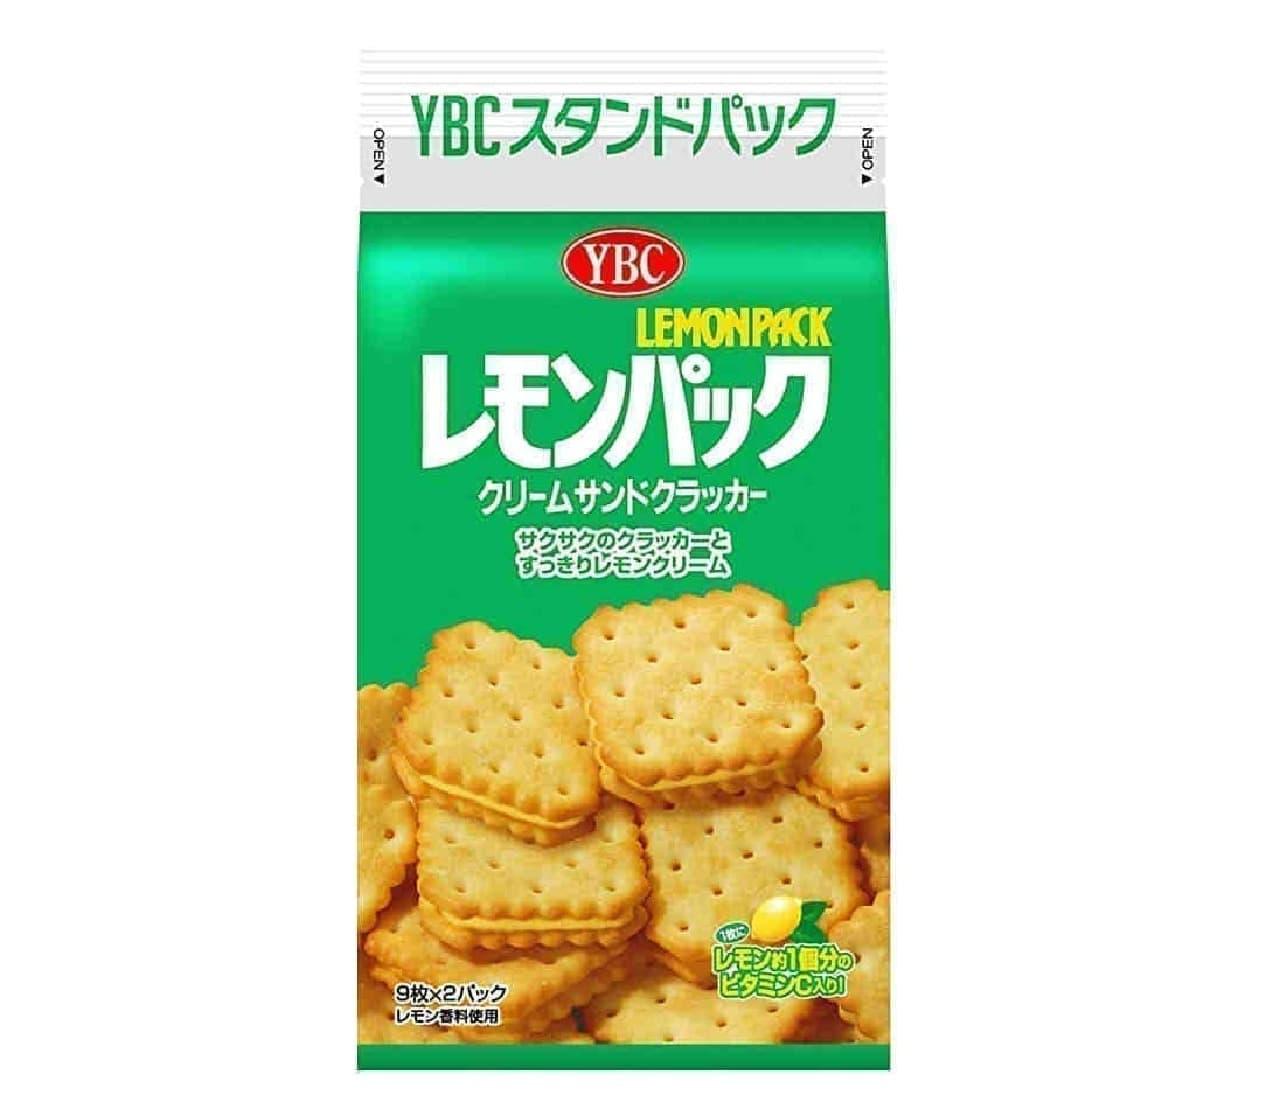 ヤマザキビスケットレモンパック